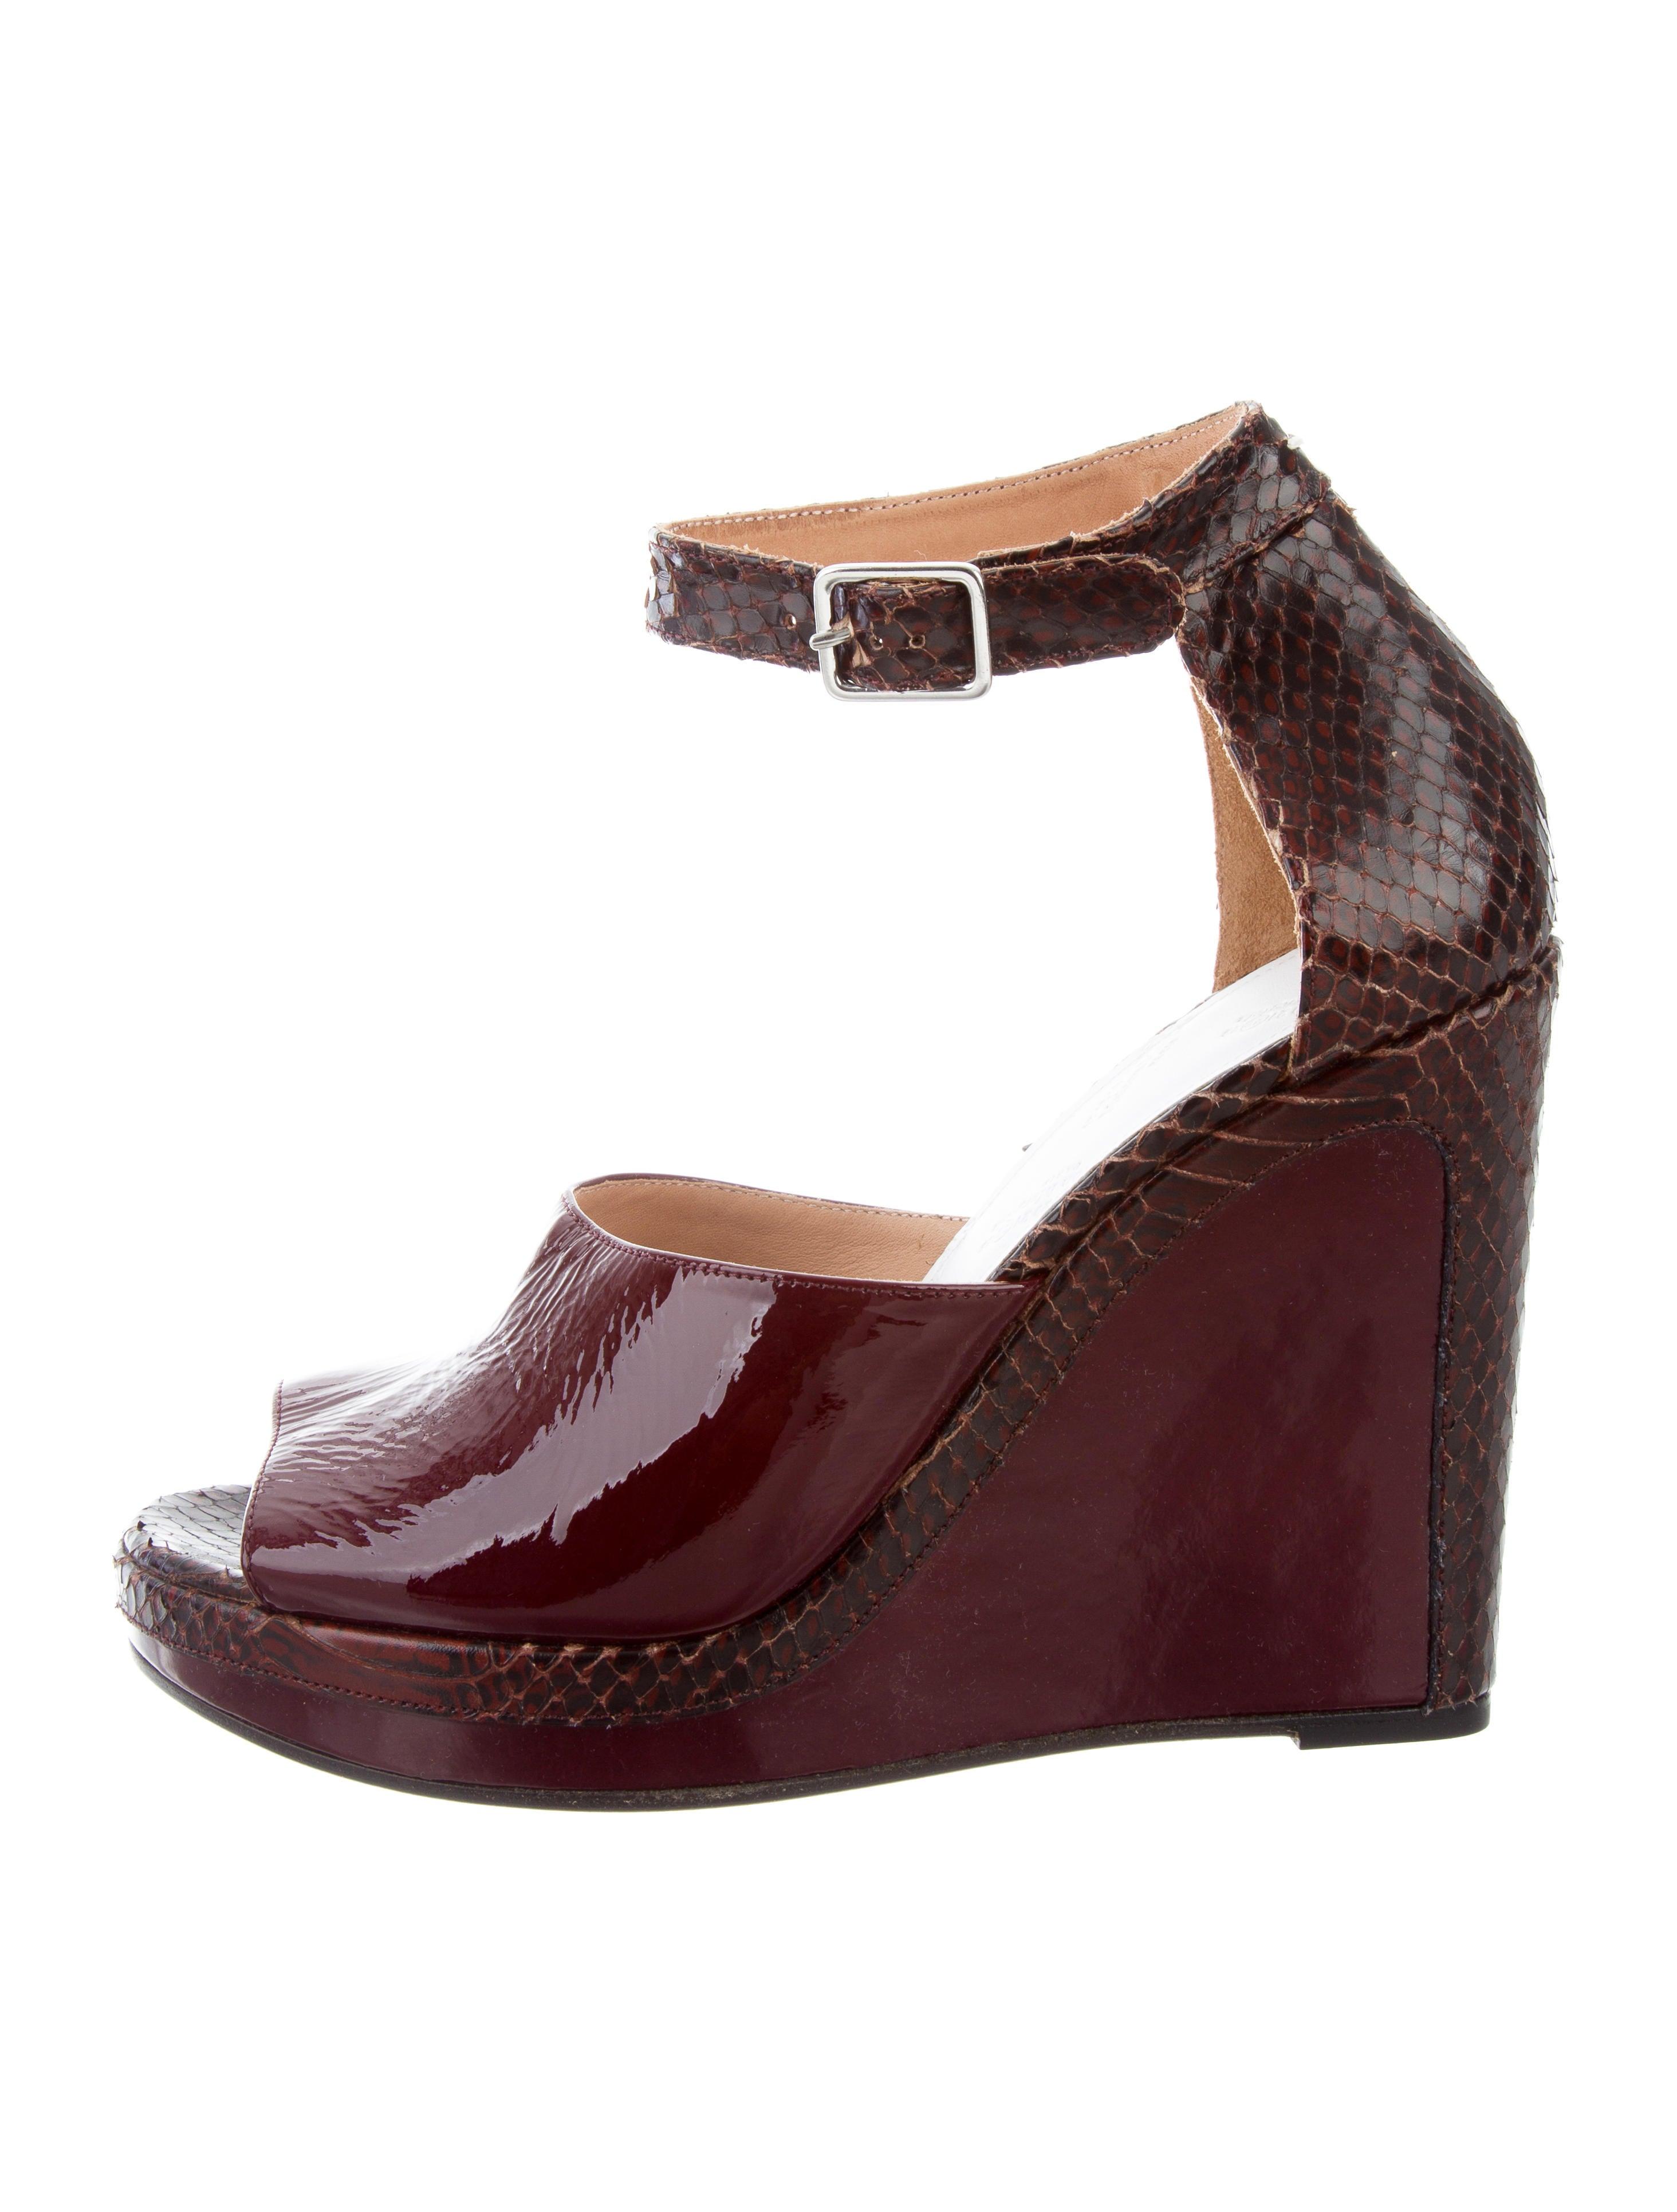 Maison Margiela Woman Leather And Python Sandals Burgundy Size 39 Maison Martin Margiela arf8V